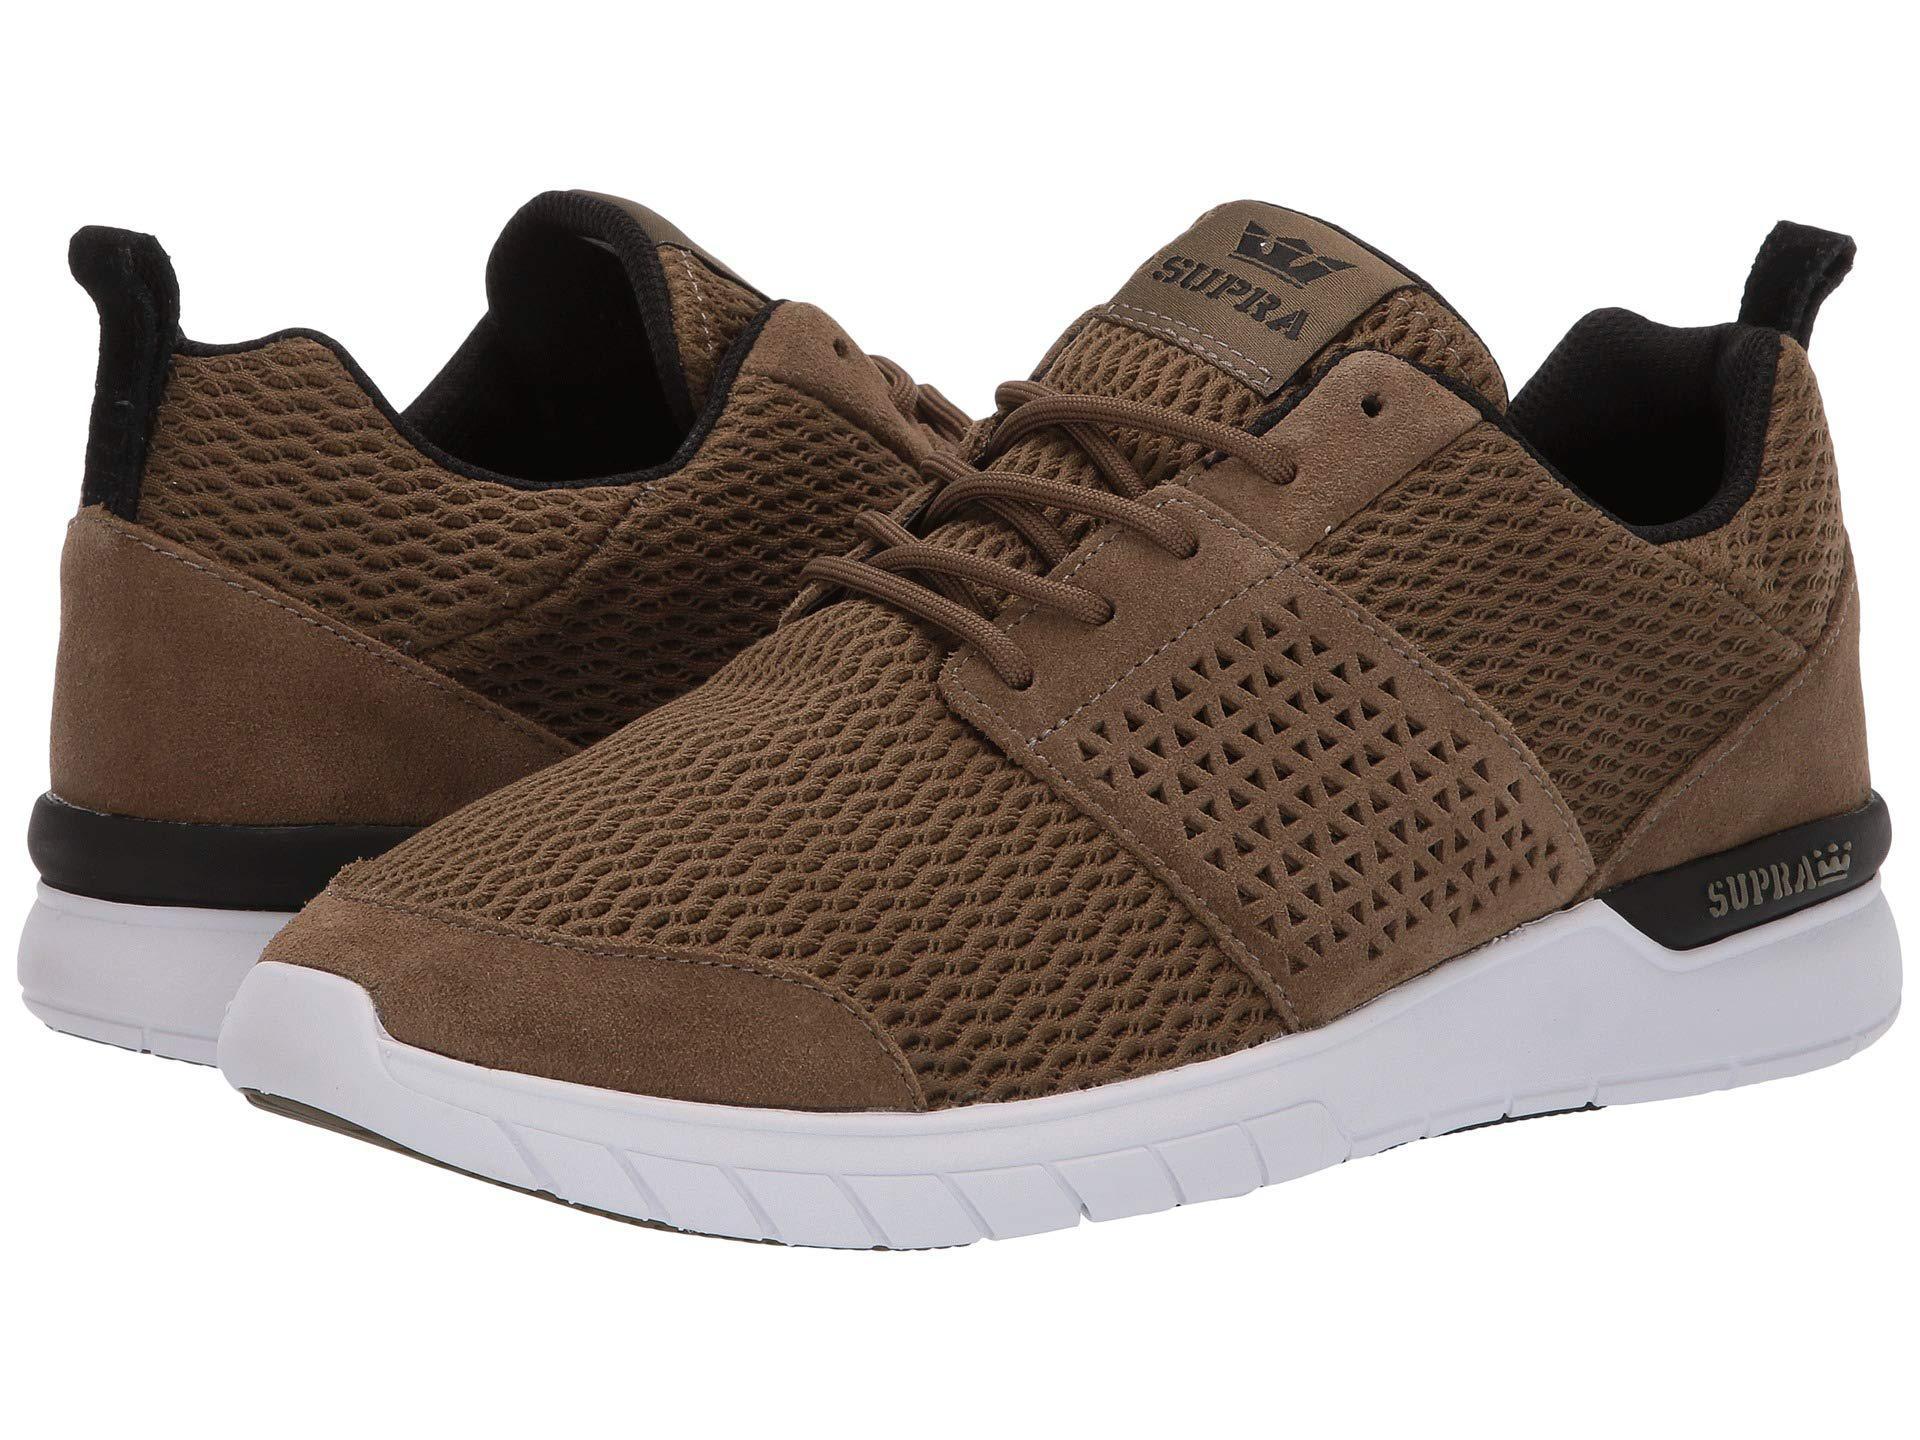 1e8ddc127ab1 Lyst - Supra Scissor (olive olive) Men s Skate Shoes for Men